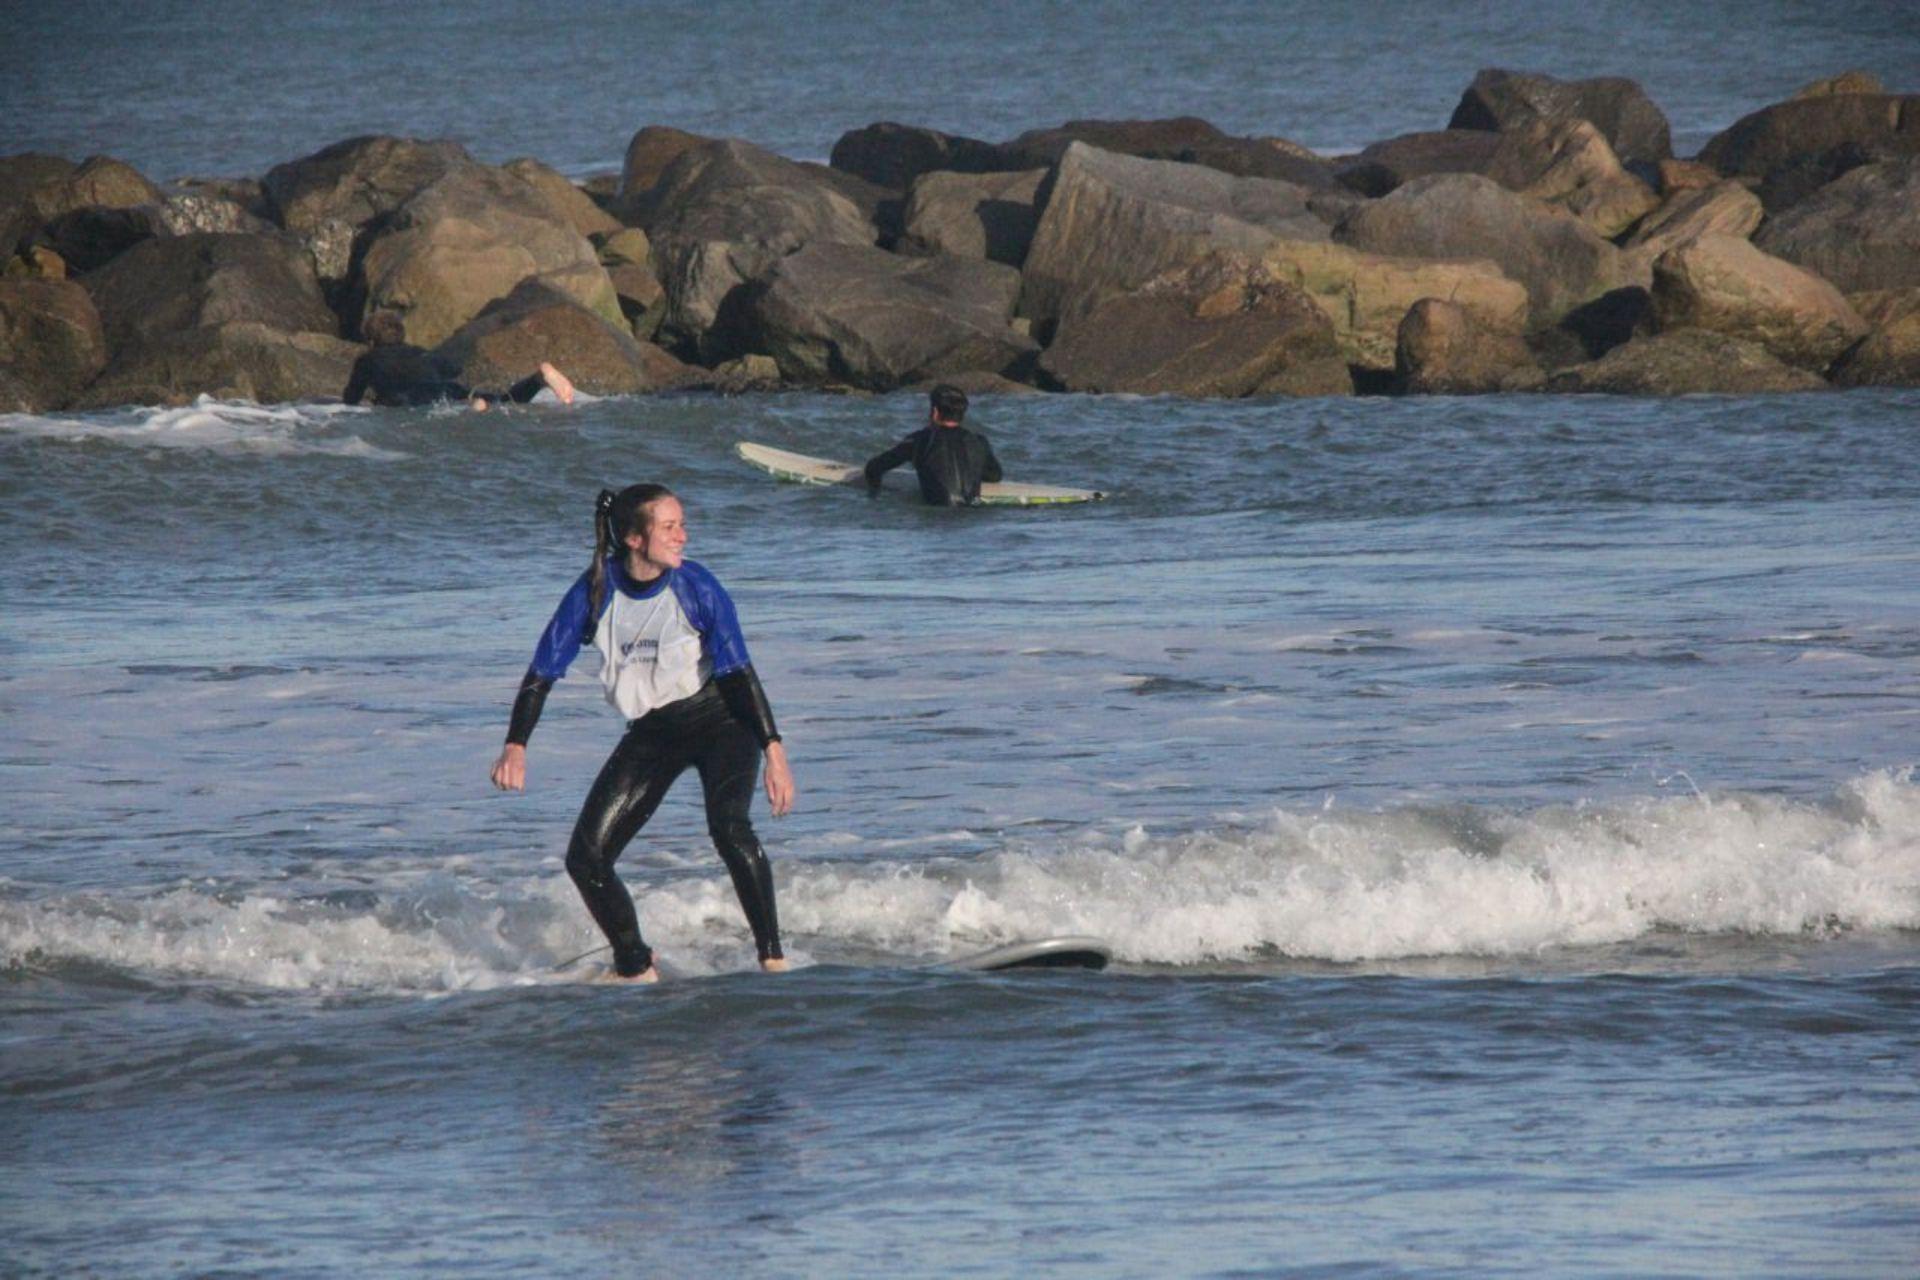 """""""La experiencia disparadora fue encontrarme haciendo un deporte acuático y comenzar a realizar travesías remando con SUP en el Canal de Beagle"""", dice Ana."""